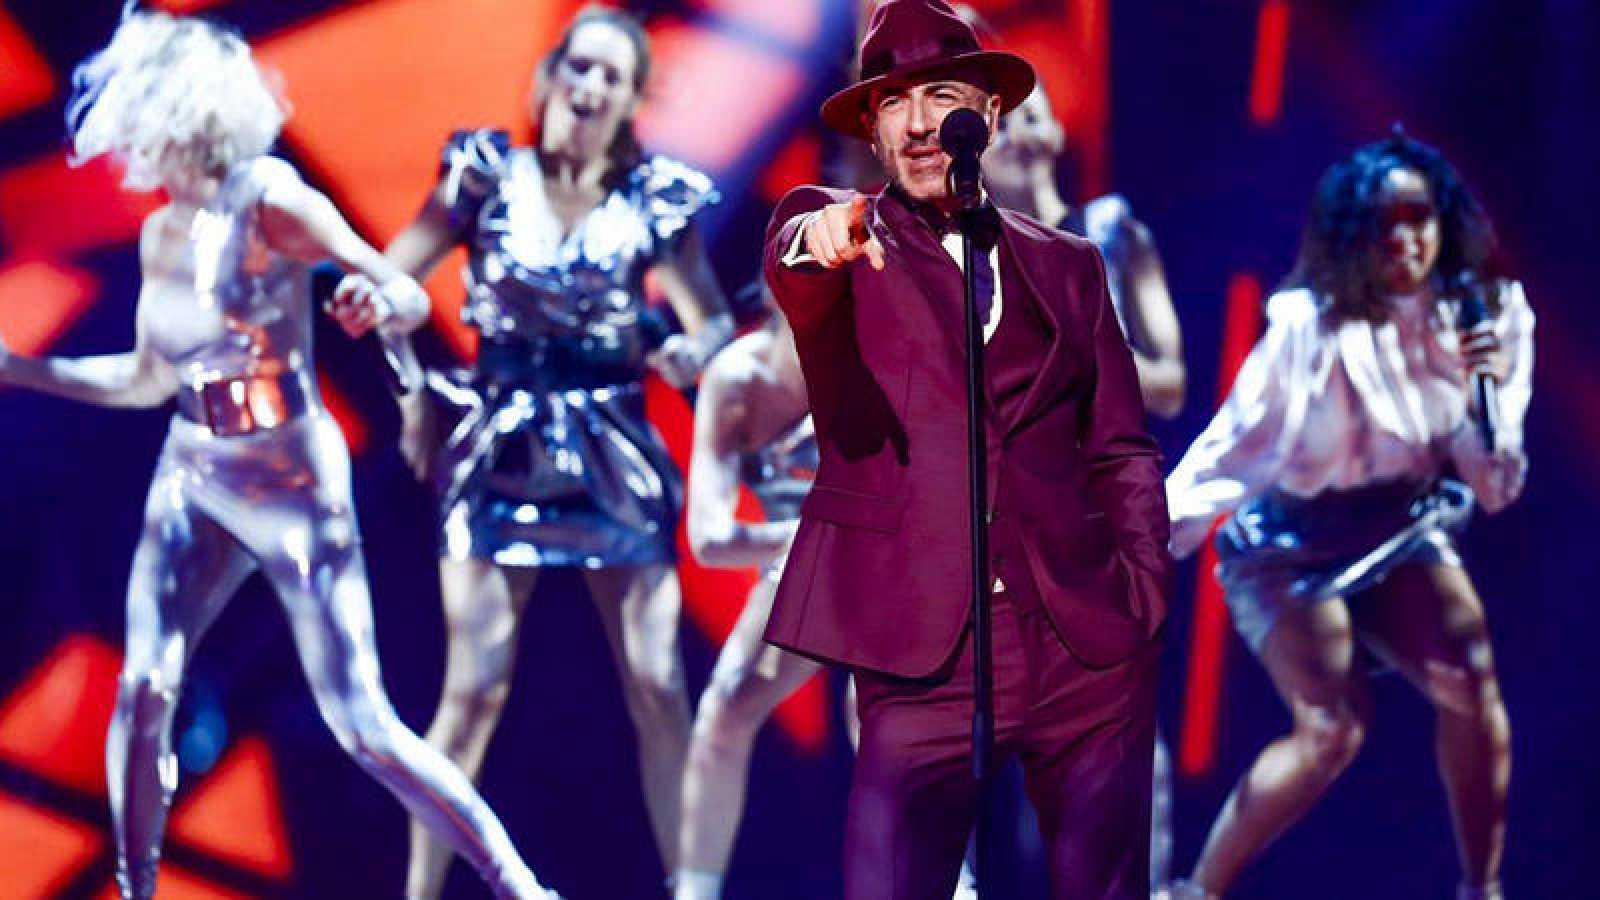 Serhat vovlerá a representar a San Marino en Eurovisión 2019